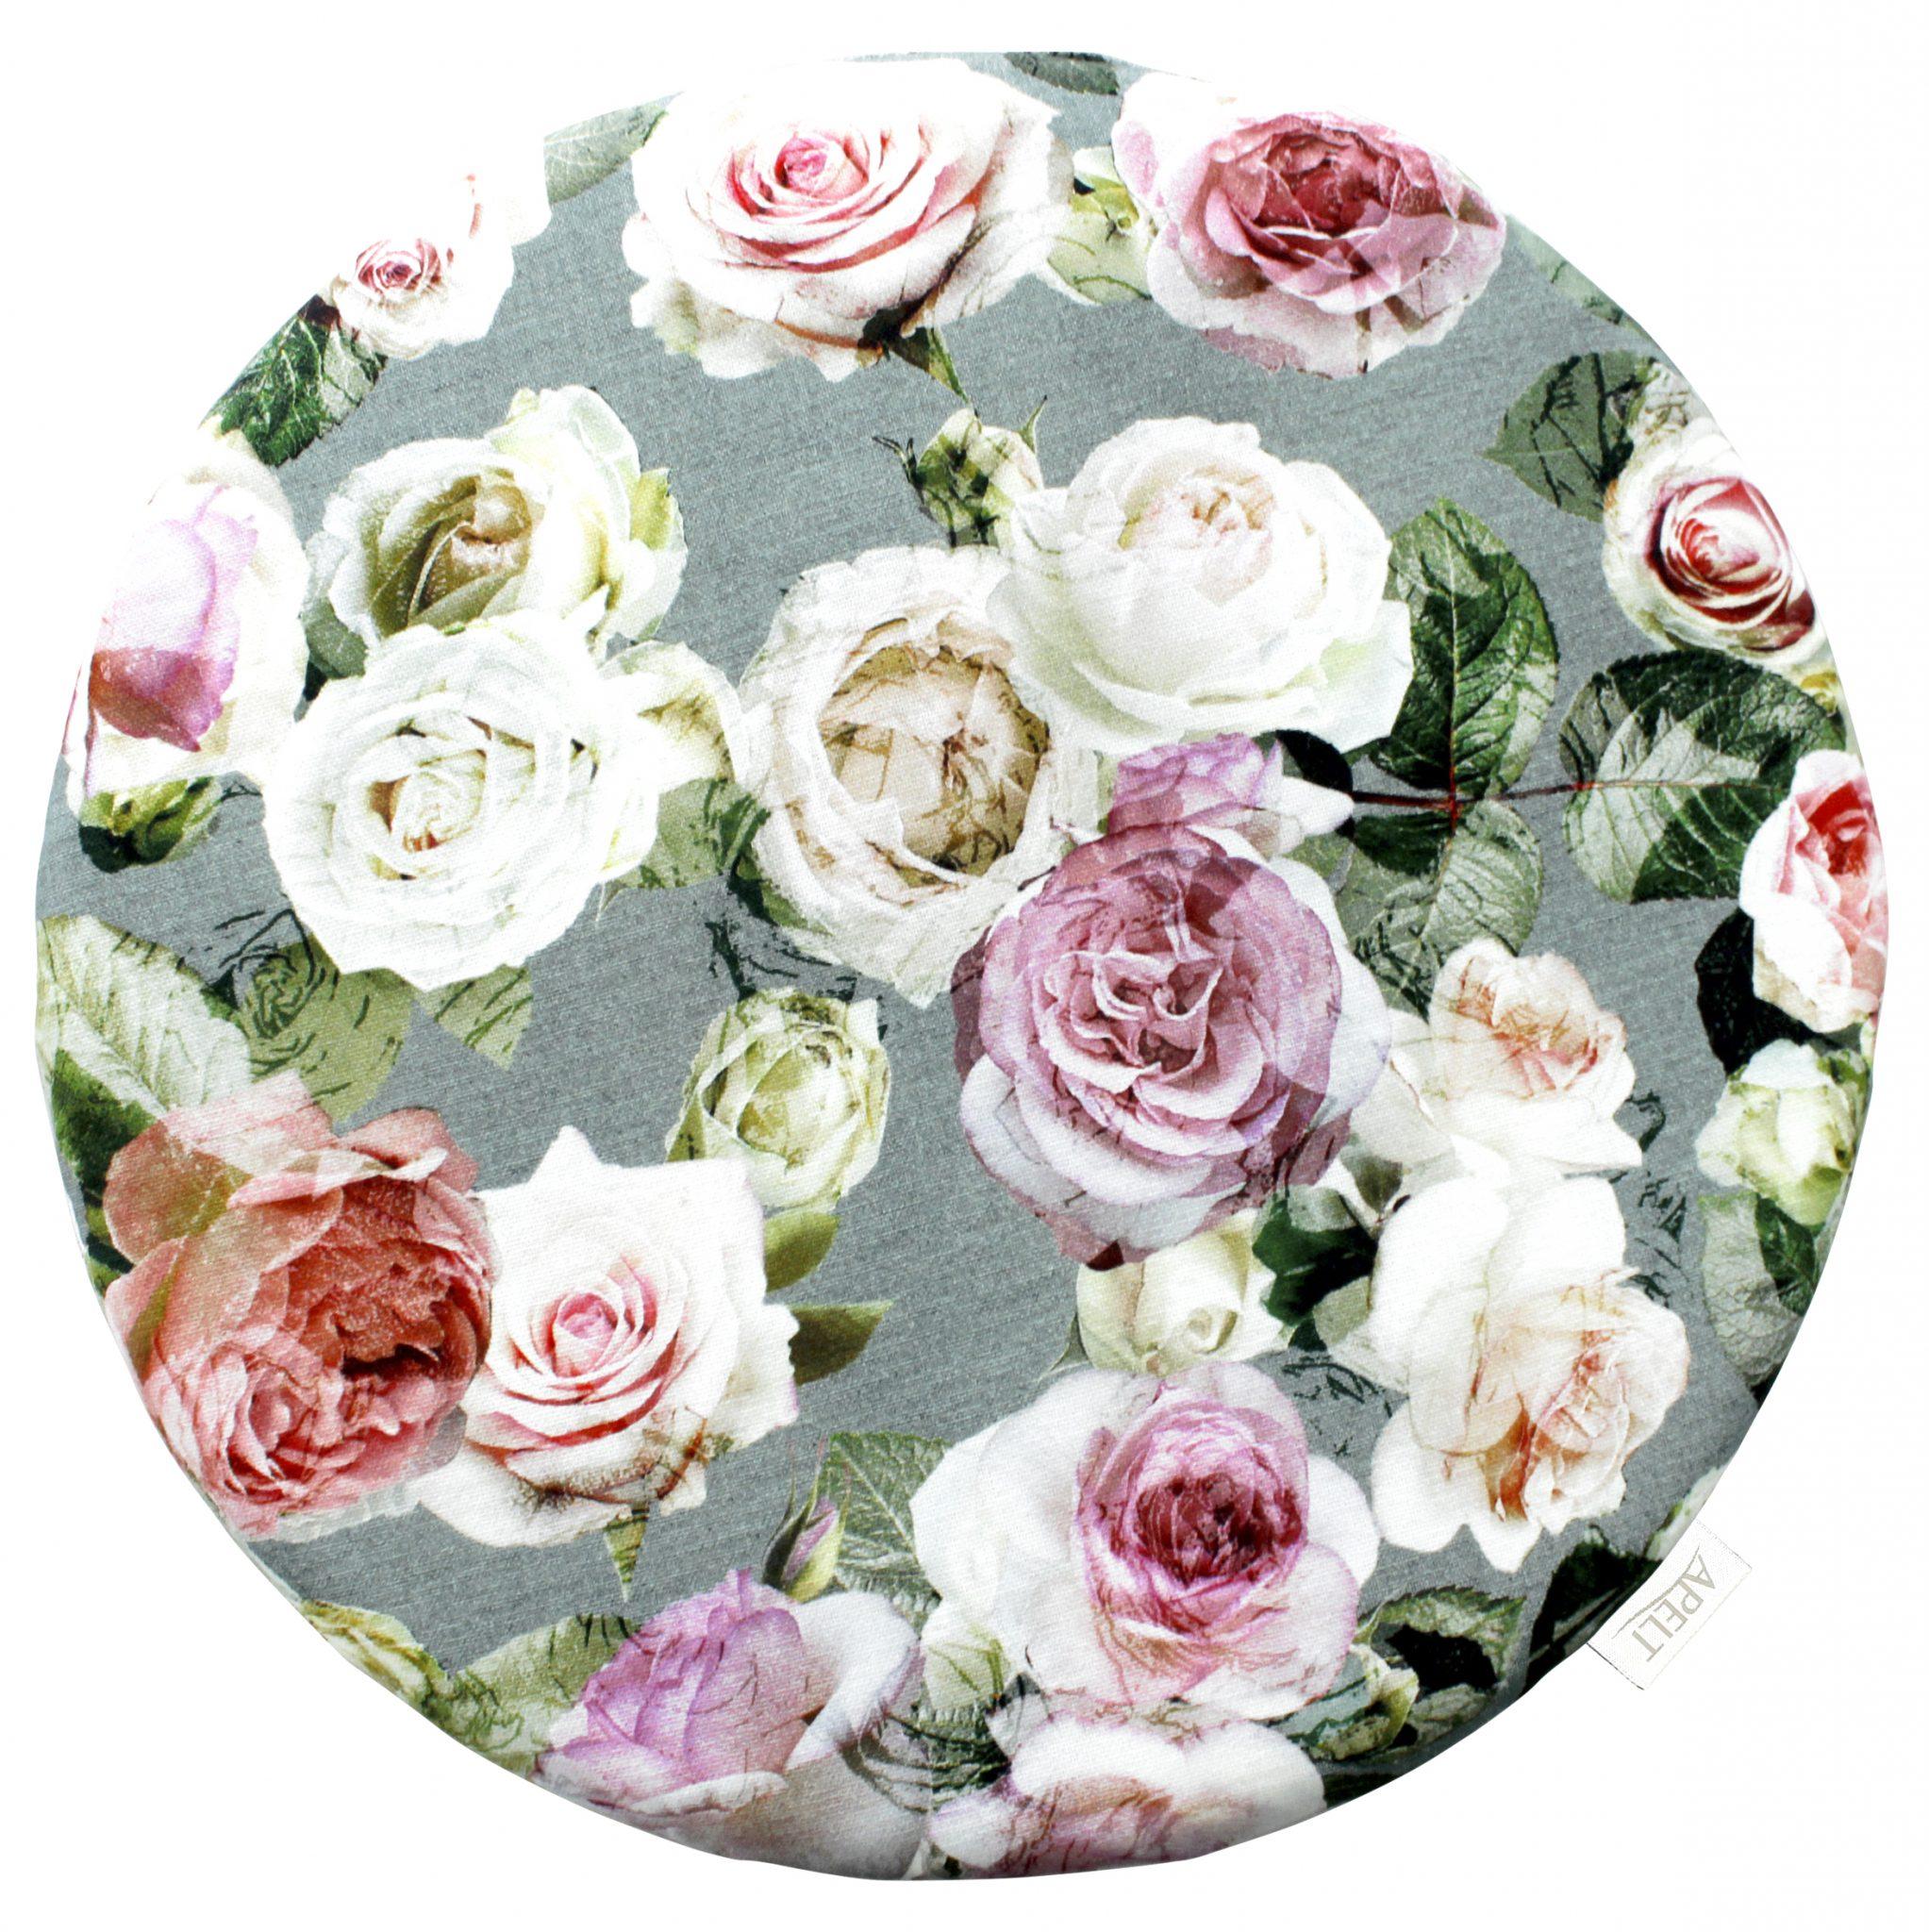 Stuhlkissen SUMMER GARDEN 1624 Apelt 38x38 r Rose rosa